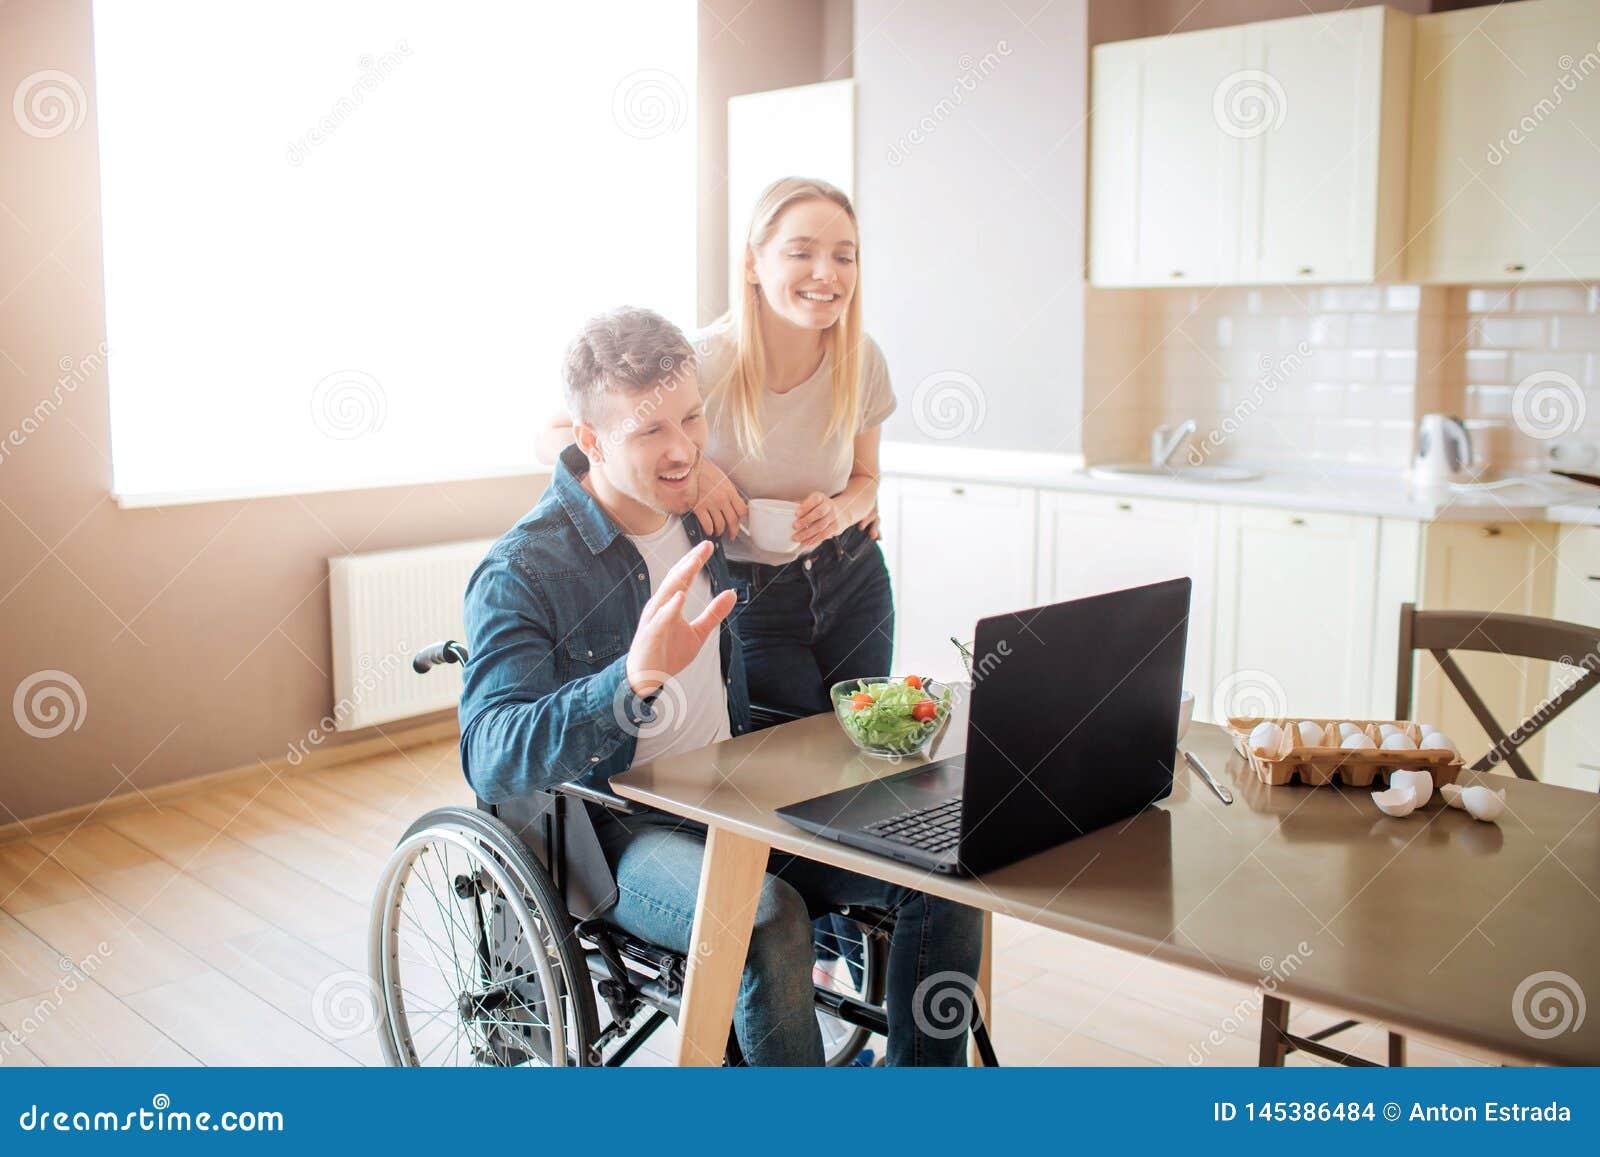 Glücklicher netter junger Mann bei Tisch sitzen und auf Laptop schauen Kerl mit Unfähigkeit und Pauschalpreise Stand der jungen